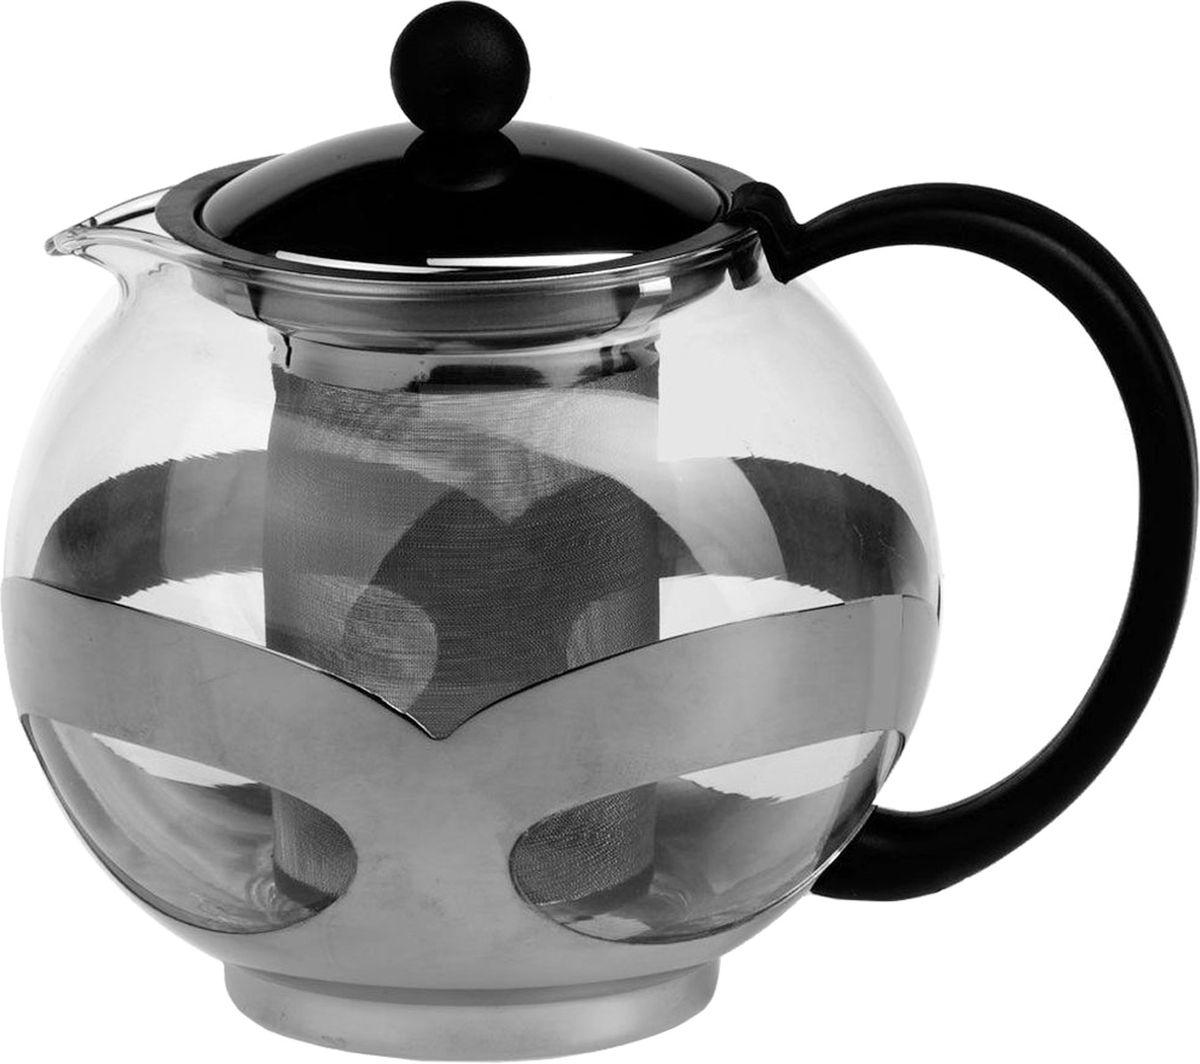 Чайник заварочный Gotoff, 750 мл. 8249391602Чайник заварочный стеклян. V=750 мл